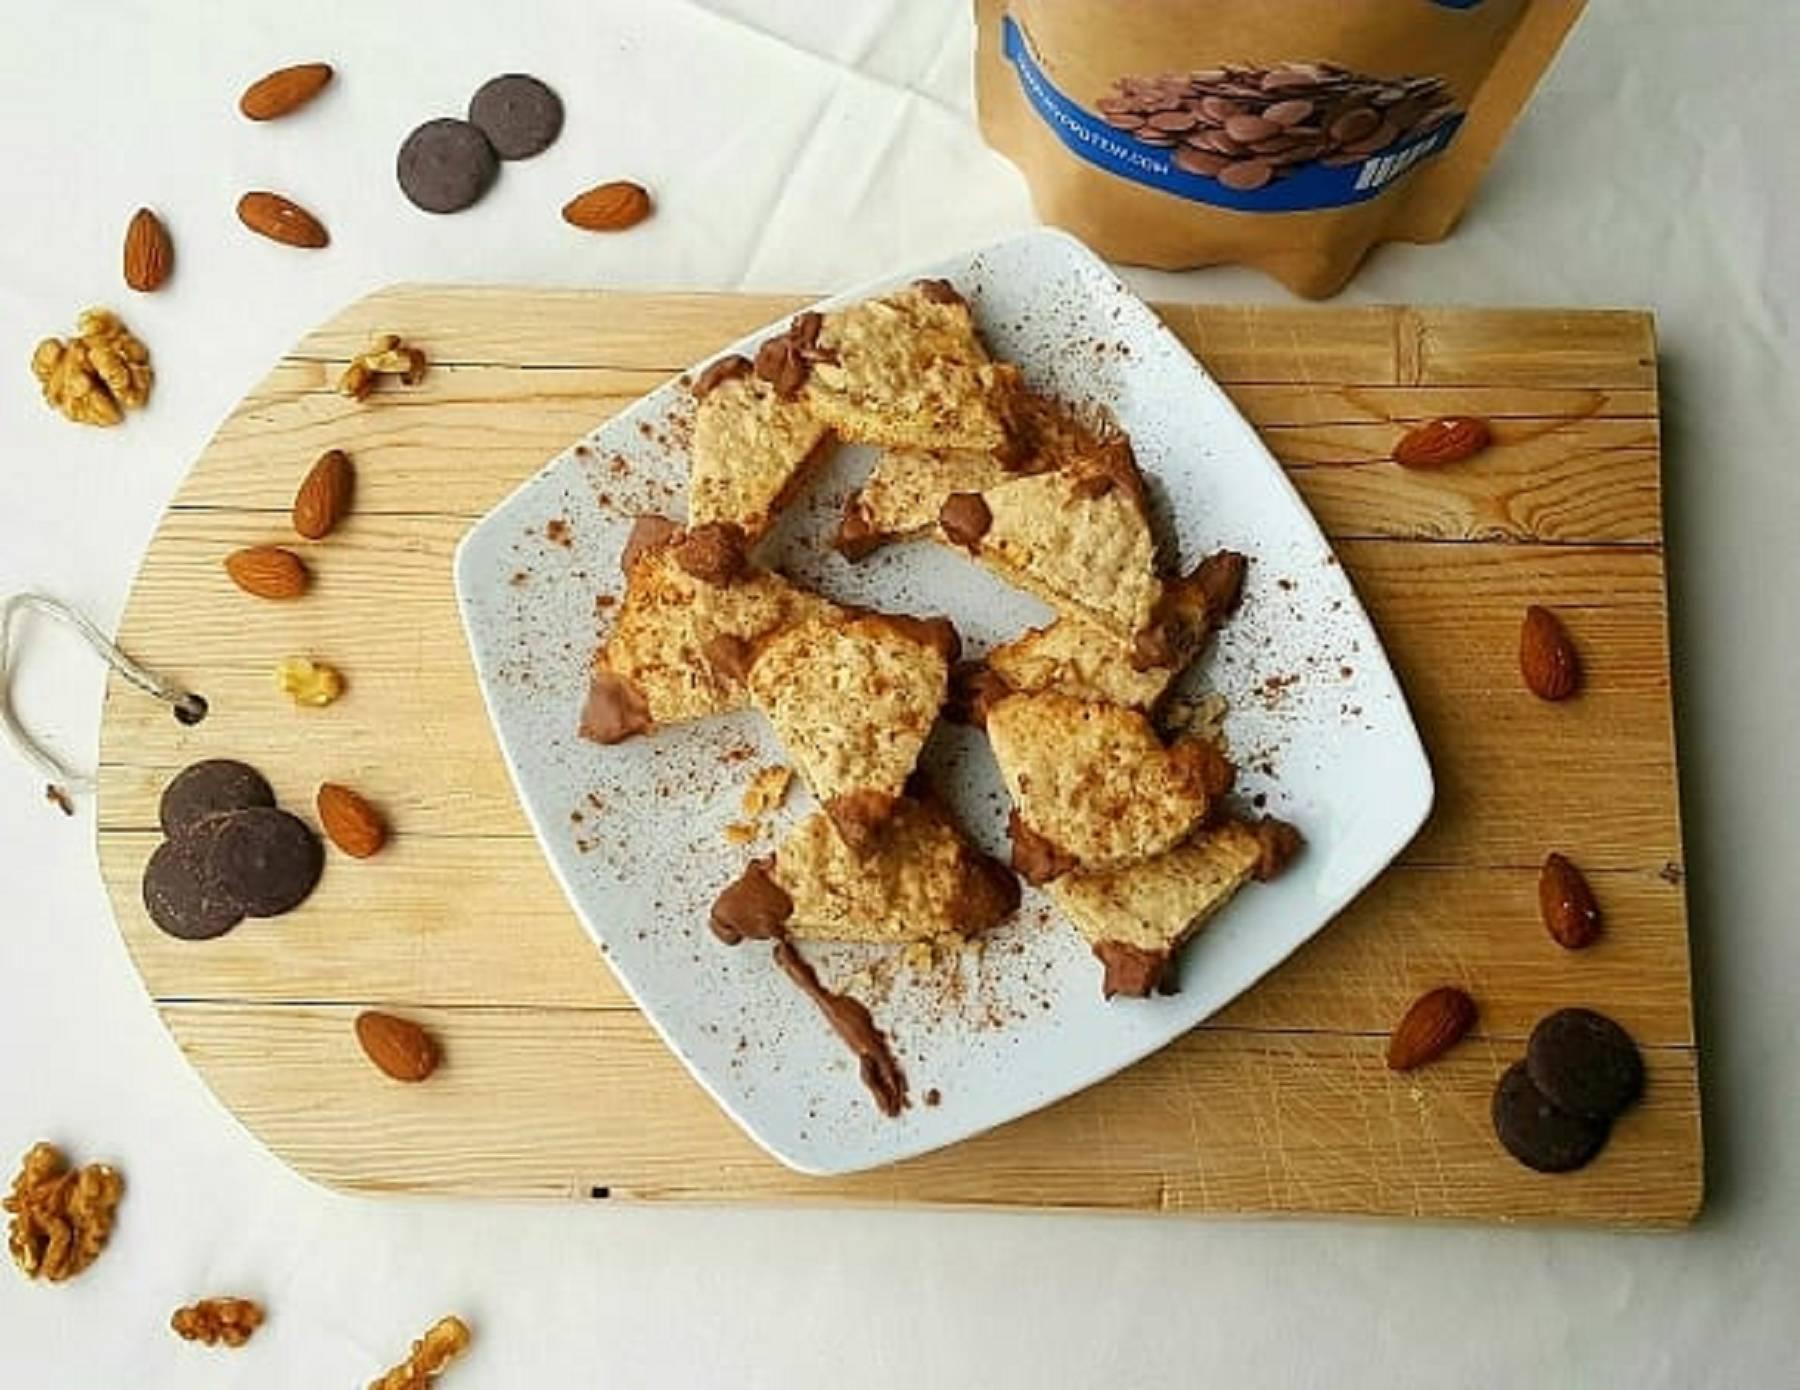 Gesund Backen | Proteinreiche Nussecken